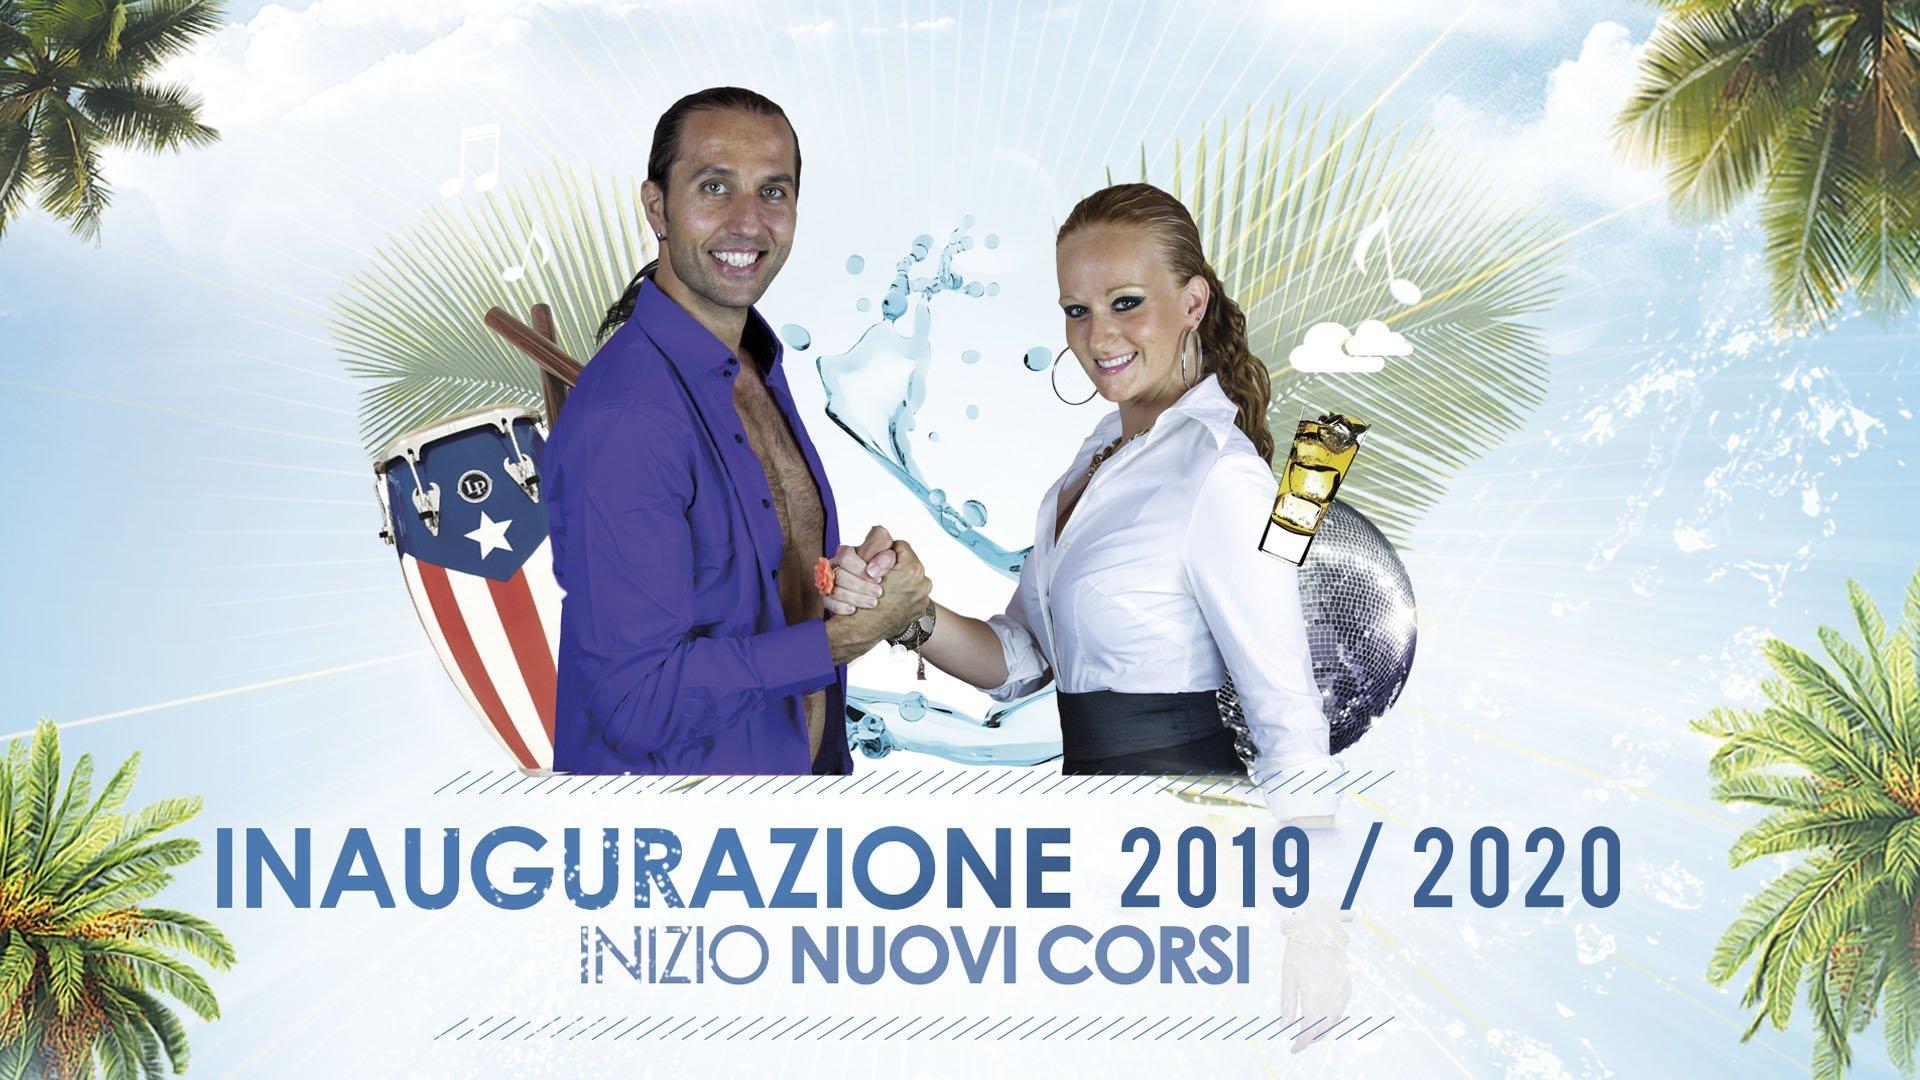 Inaugurazione e inizio corsi 2019/2020